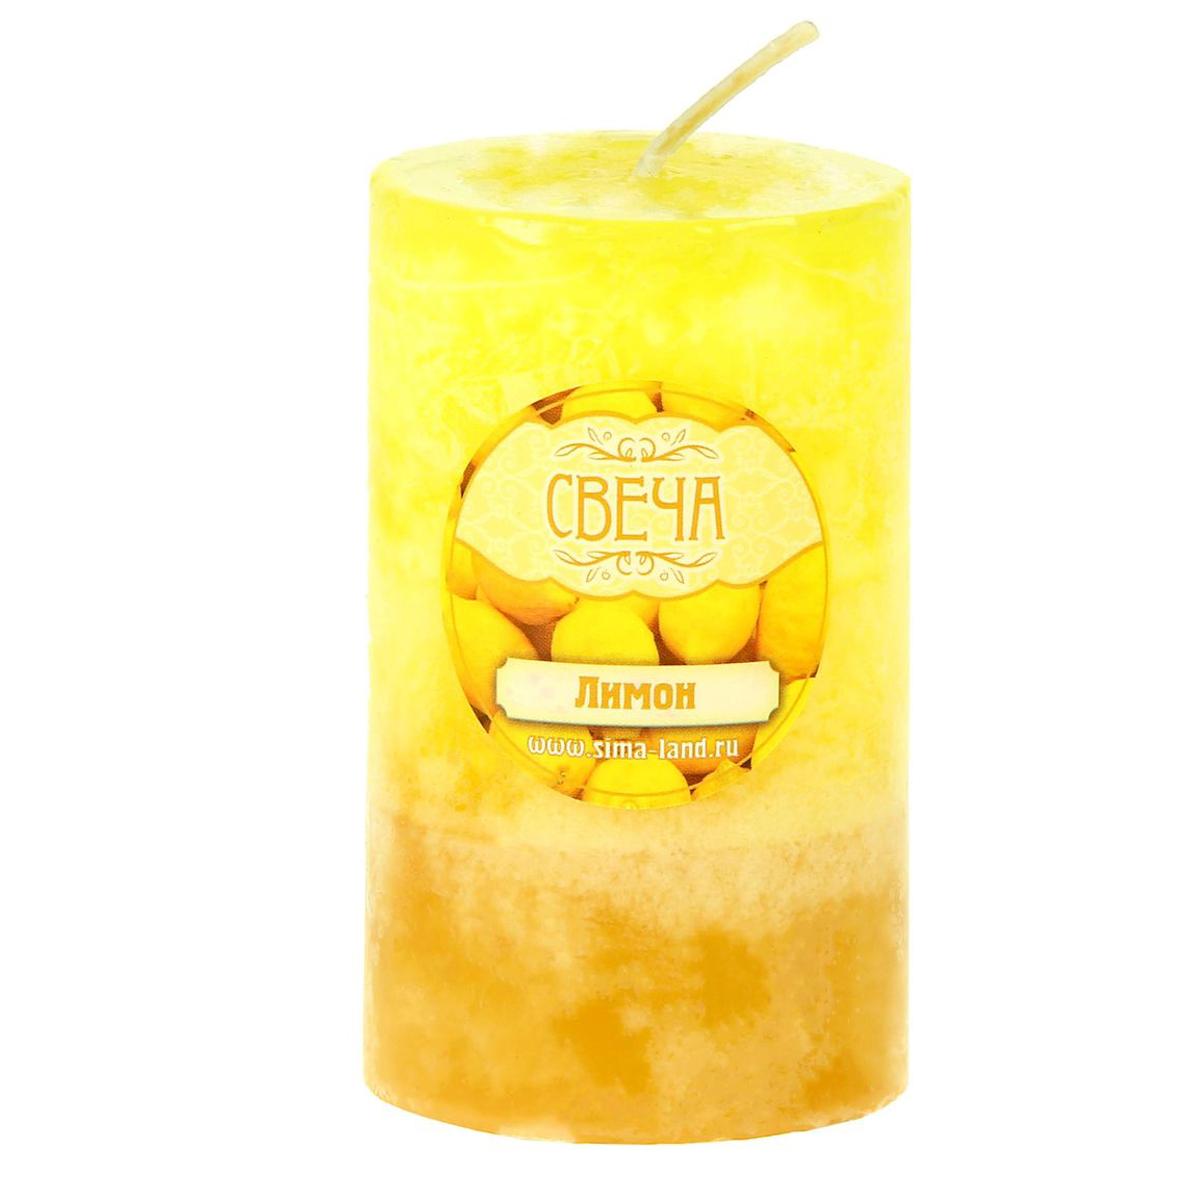 Свеча ароматизированная Sima-land Лимон, высота 7,5 см849477Свеча Sima-land Лимон выполнена из воска в виде столбика. Свеча порадует ярким дизайном и сочным ароматом лимона, который понравится как женщинам, так и мужчинам. Создайте для себя и своих близких незабываемую атмосферу праздника в доме. Ароматическая свеча Sima-land Лимон раскрасит серые будни яркими красками.